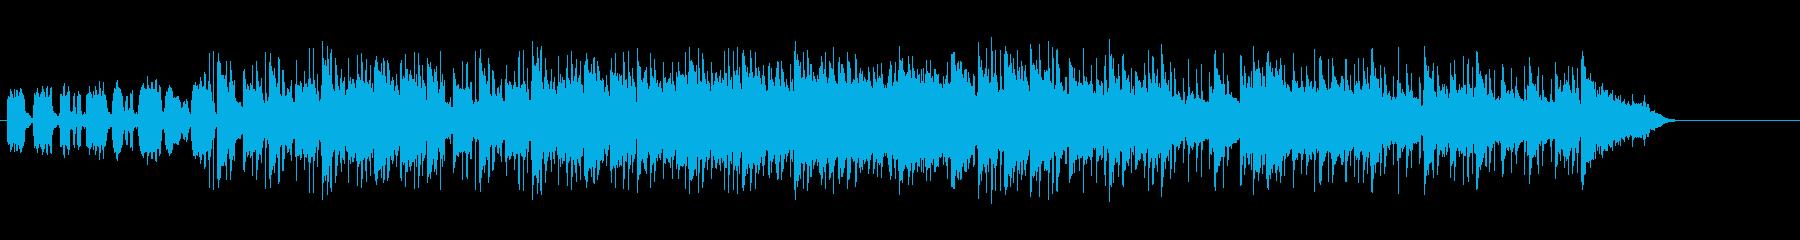 叙情的なメロディのニュー・エイジ風の再生済みの波形